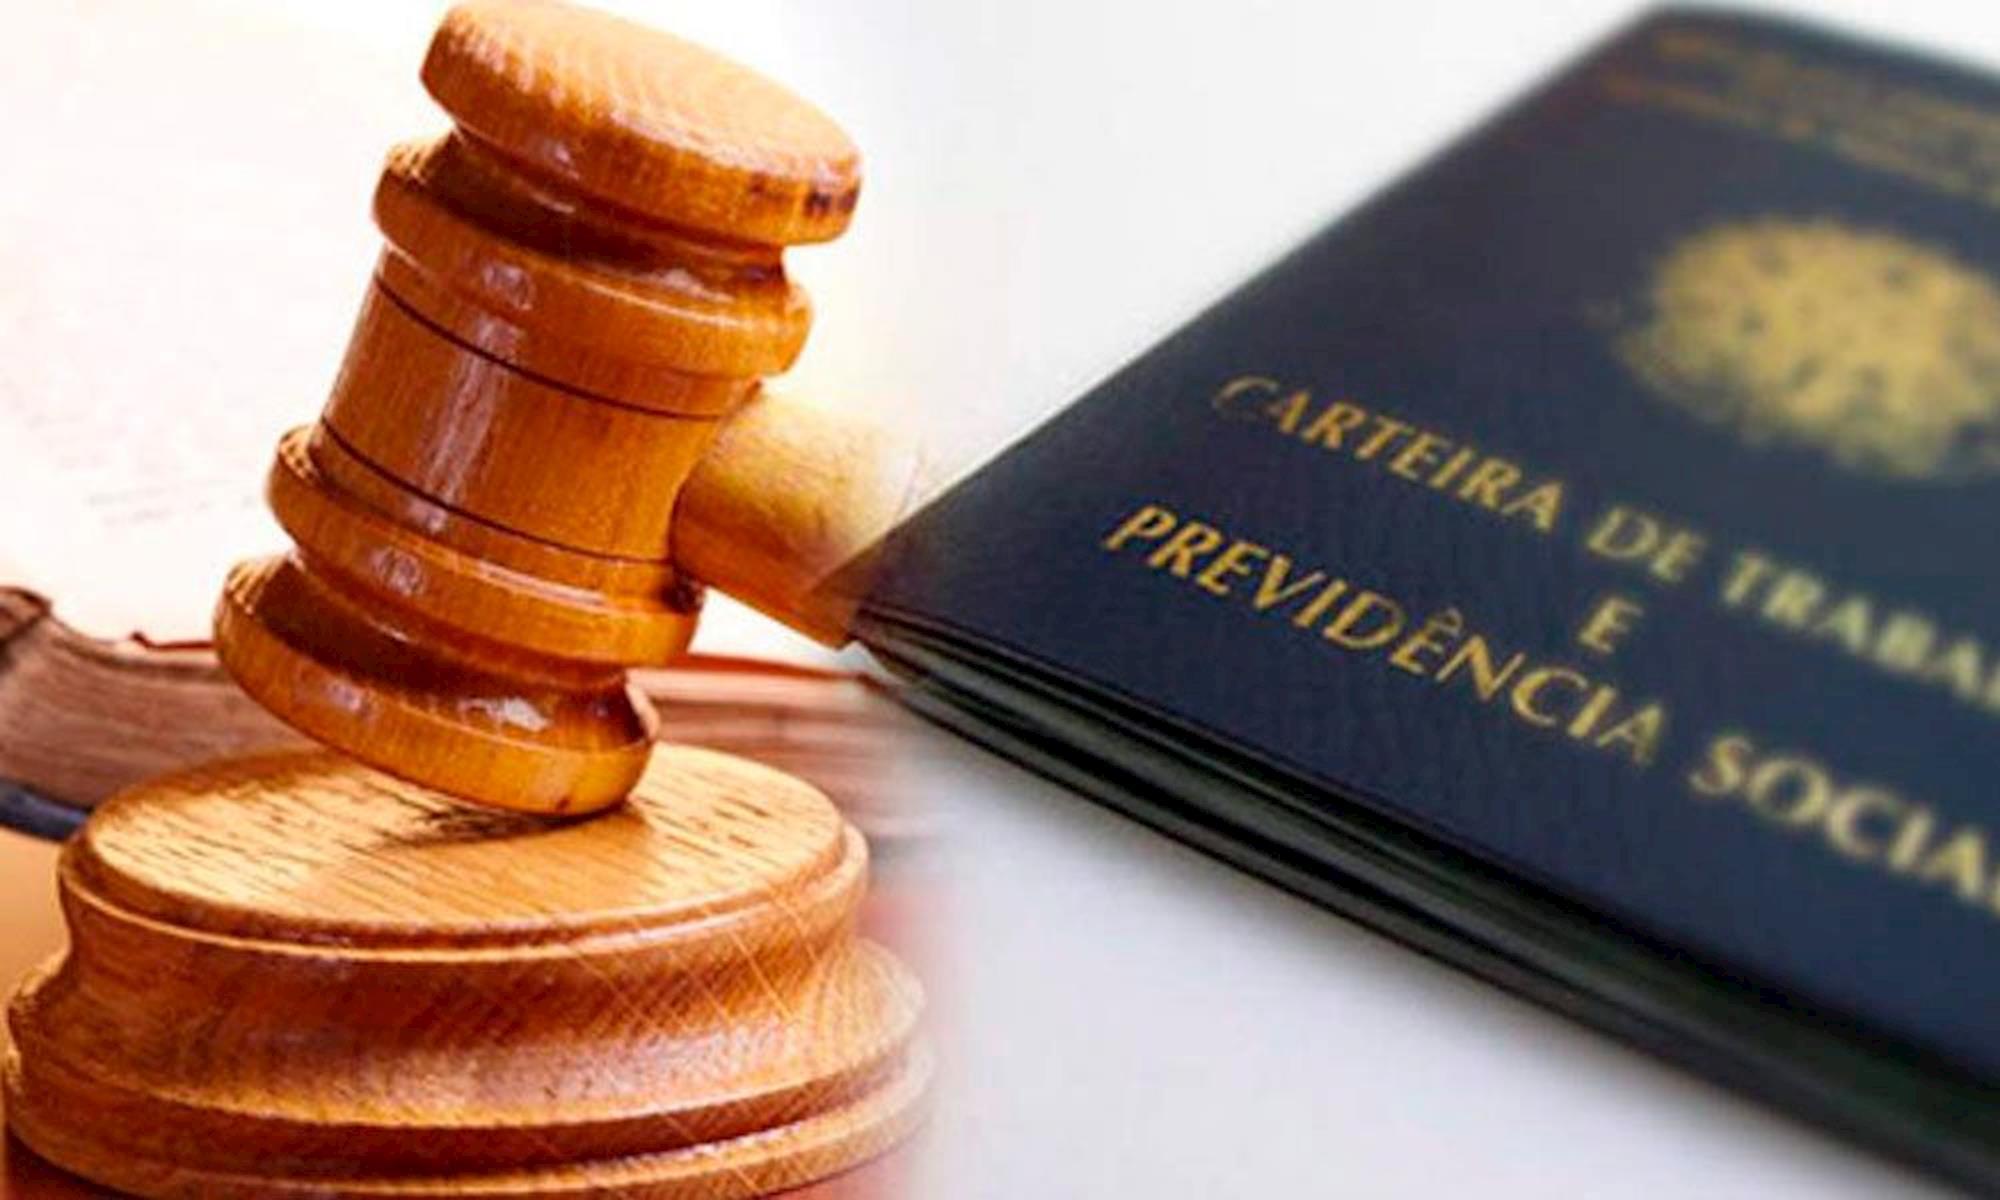 juridico, soromolde, verbas, rescisórias,, Divulgação